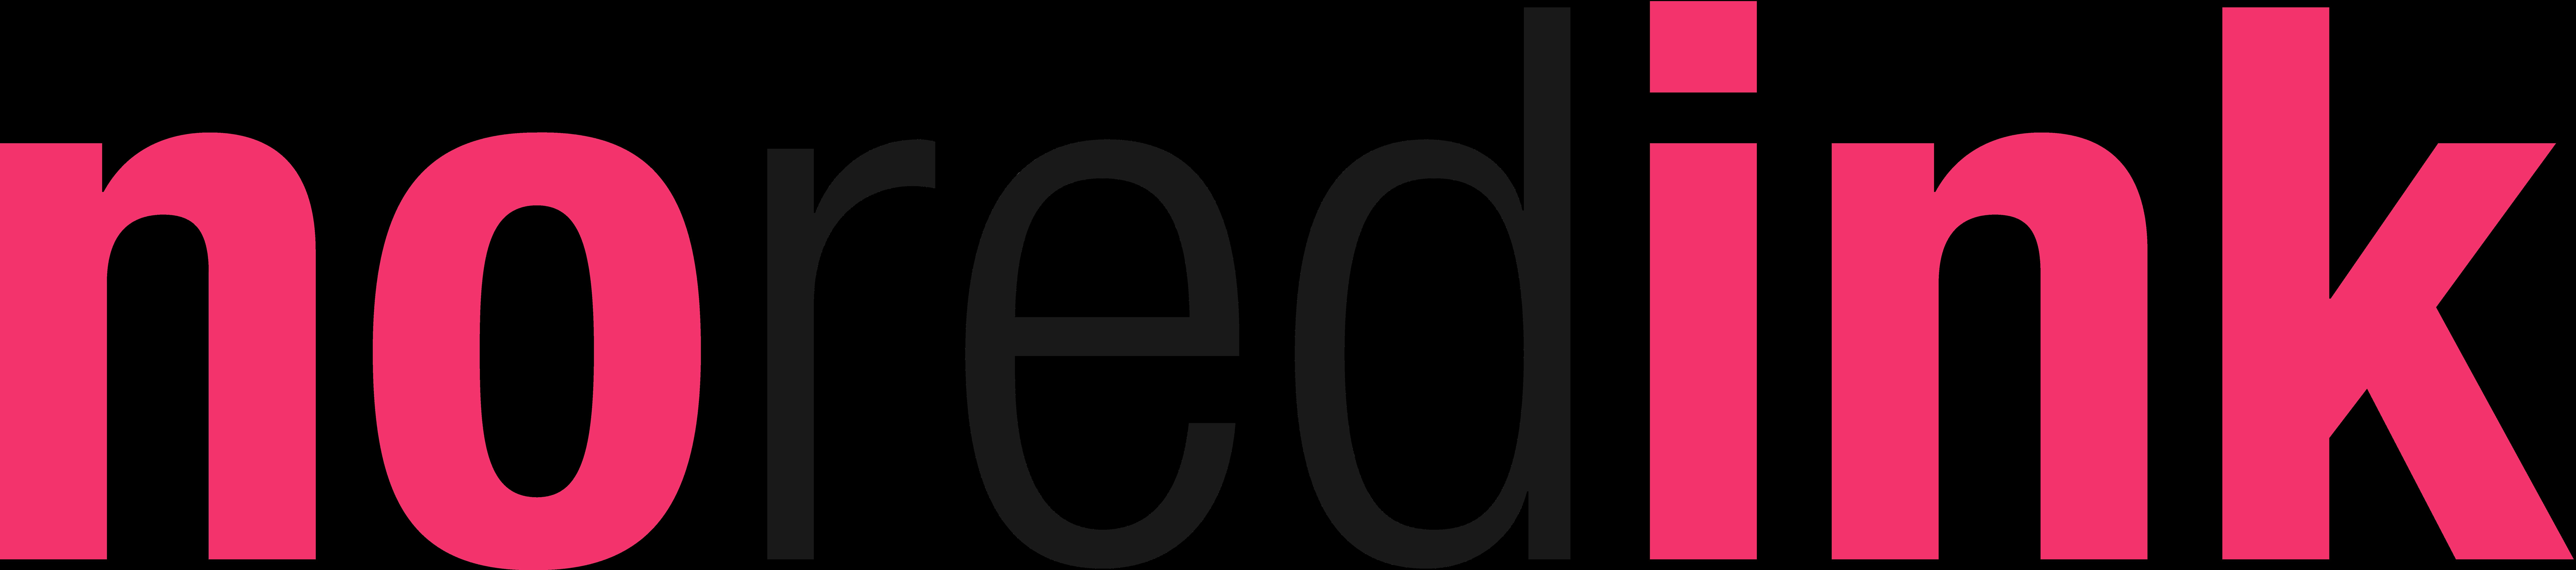 NoRedInk header image